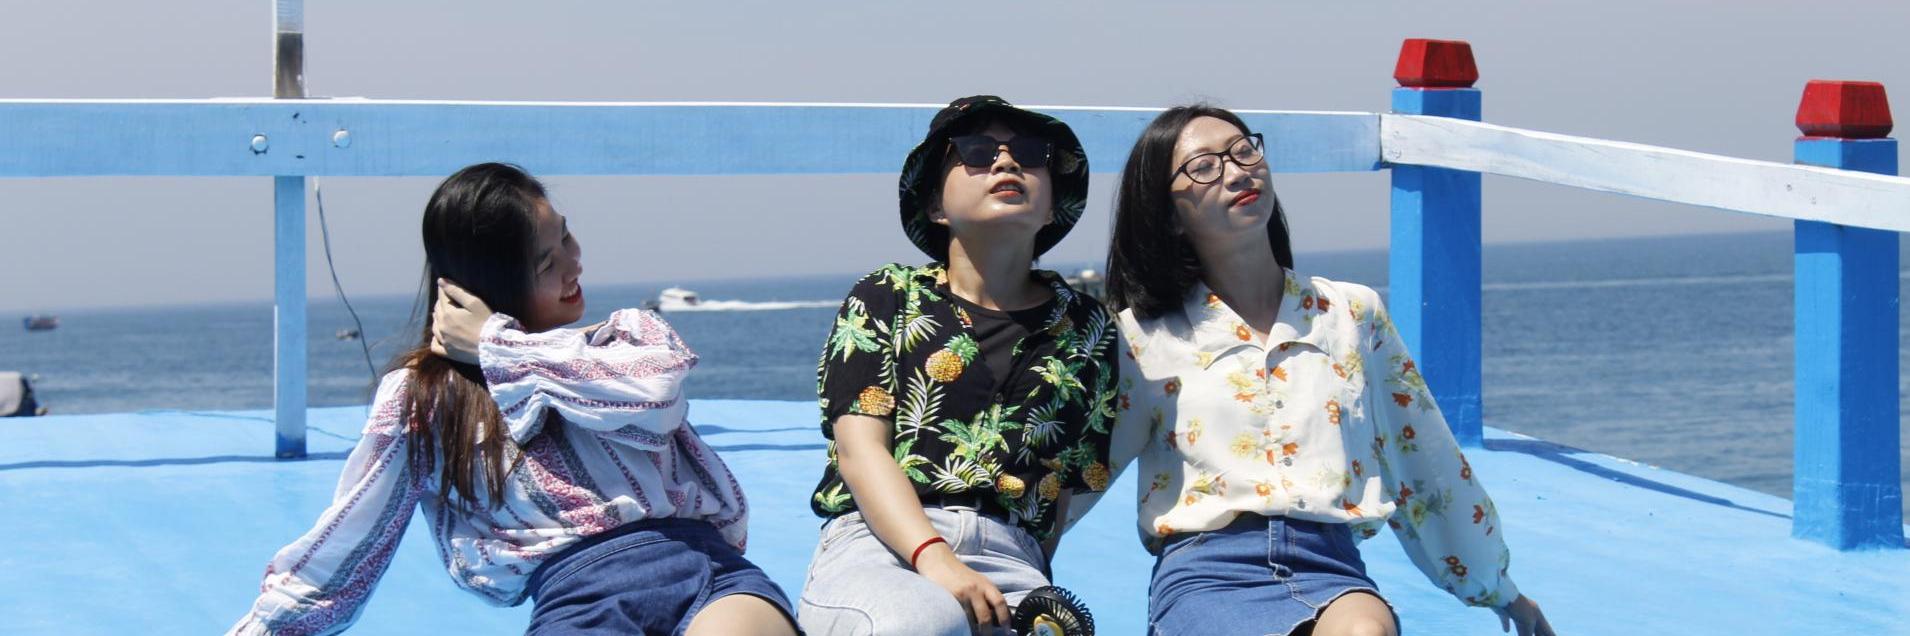 https://gody.vn/blog/hoangmai64988487/post/lich-trinh-hoi-an-2-ngay-cuc-chat-7956